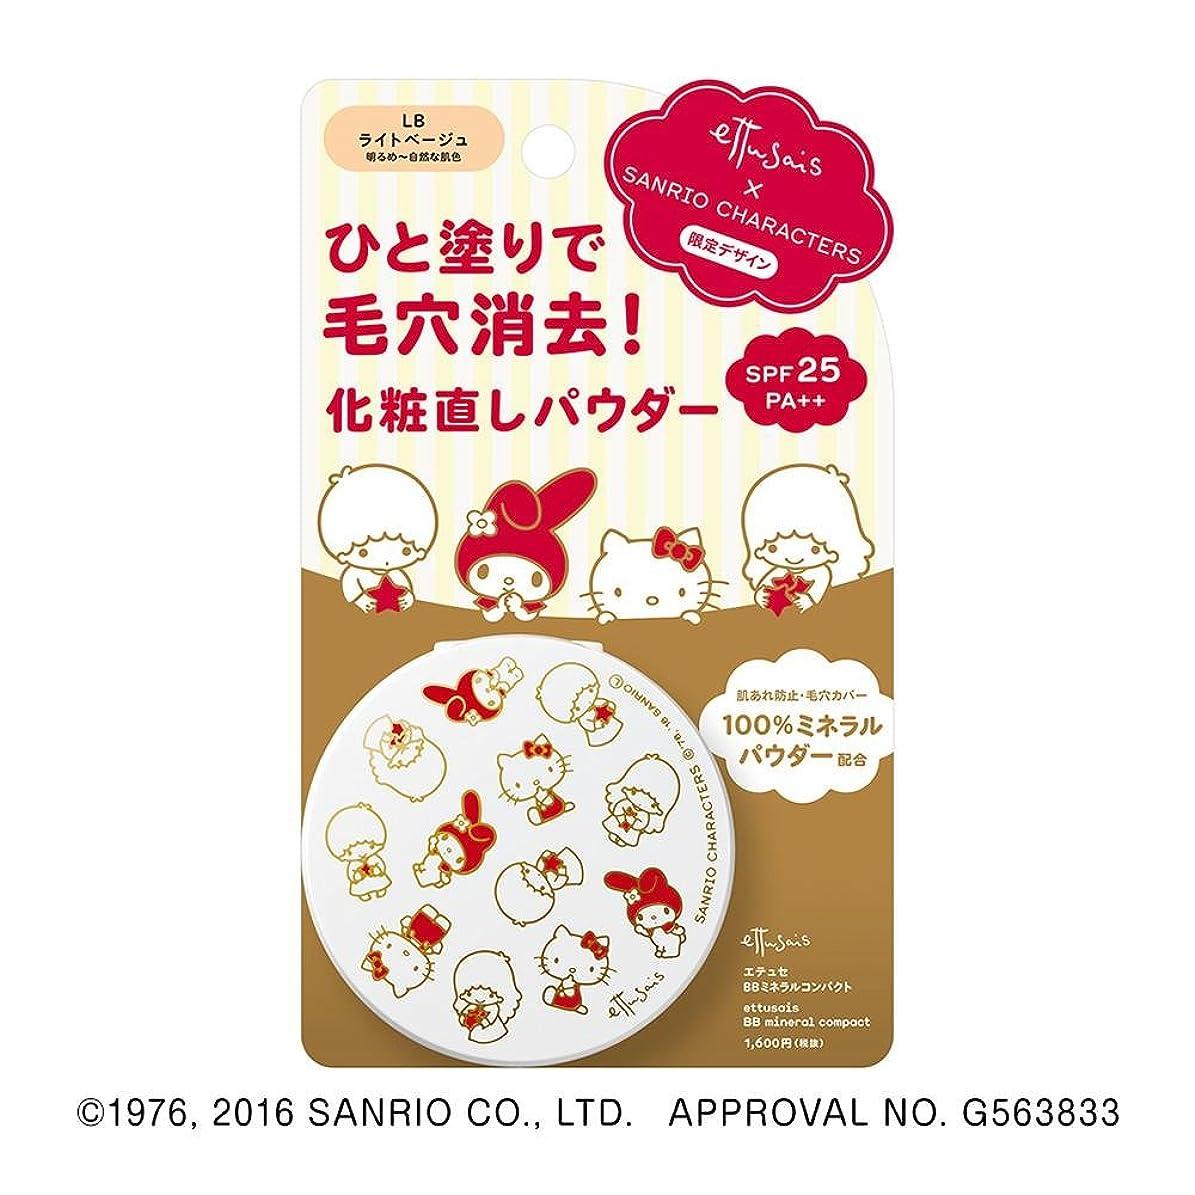 不適切な保険をかける香港エテュセ BBミネラルコンパクト サンリオ コラボパッケージ LB(ライトベージュ 明るめ~自然な肌色) SPF25/PA++